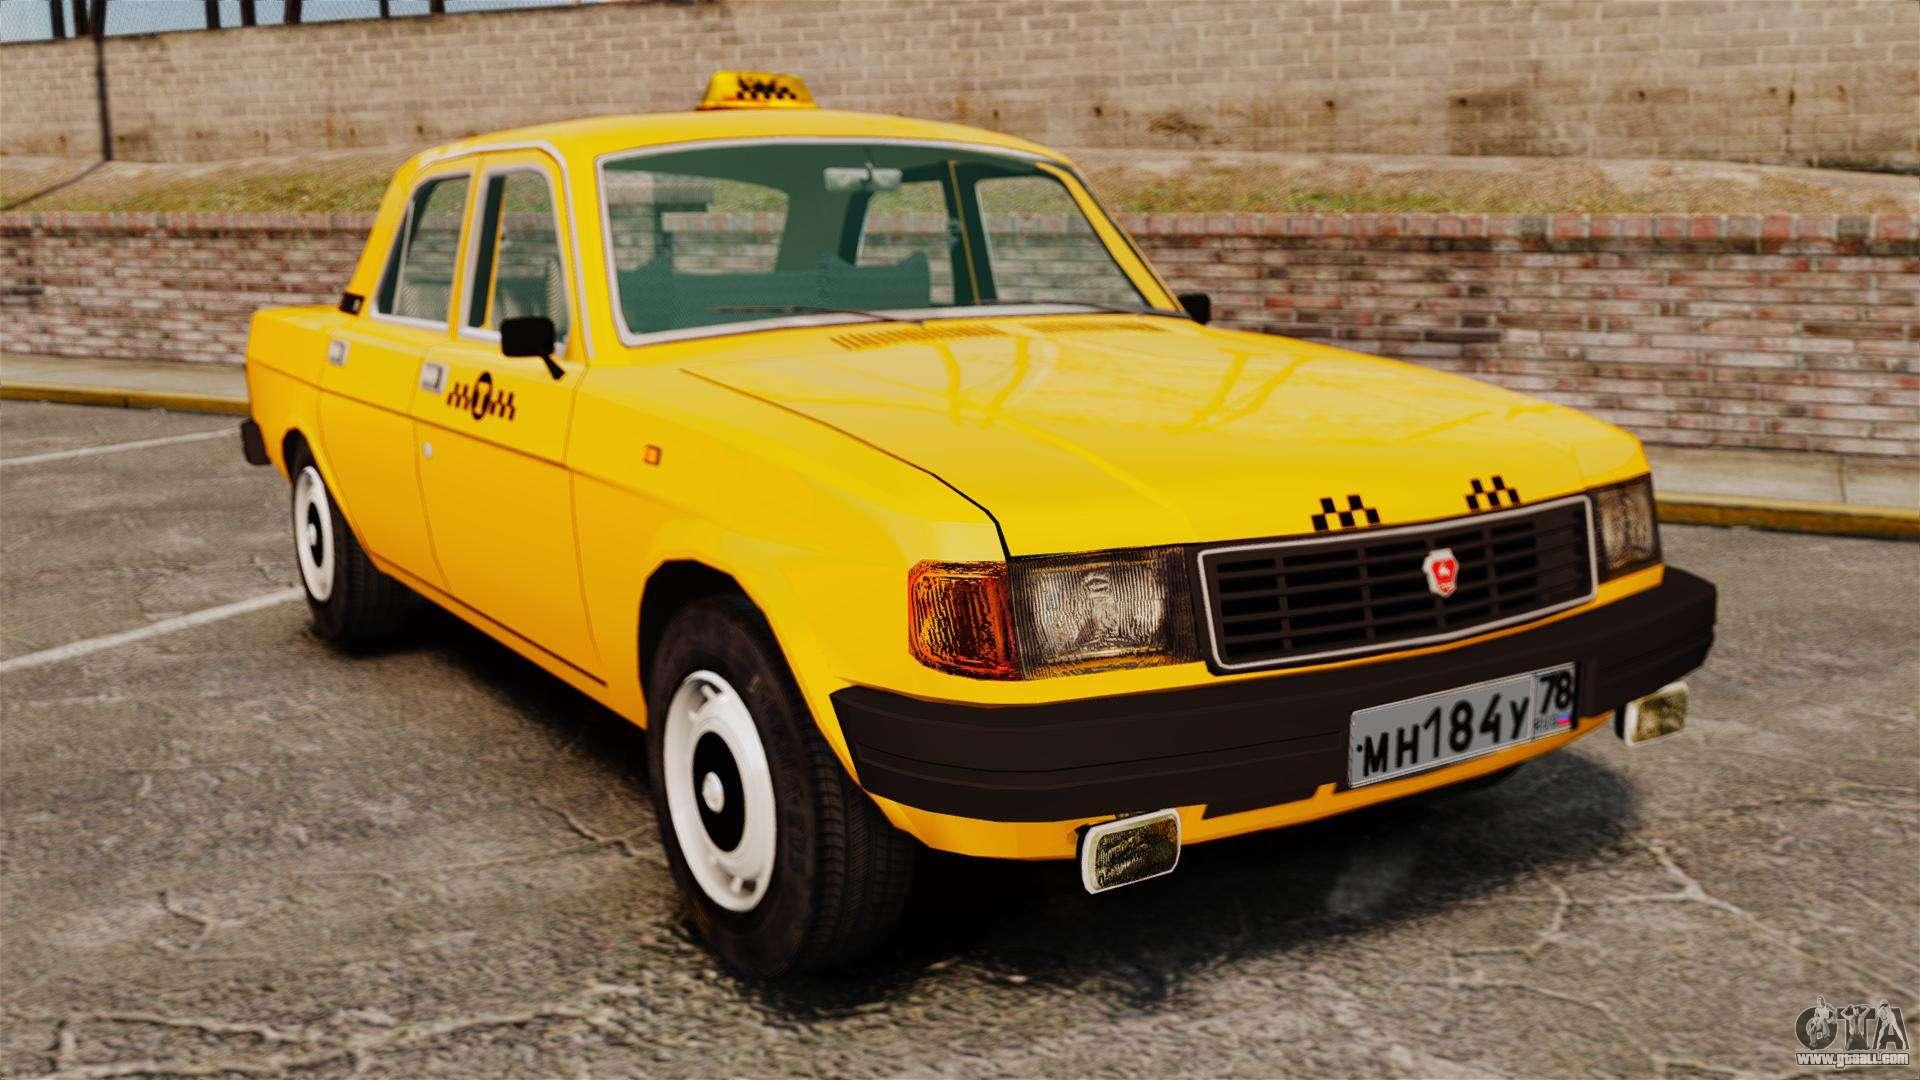 gaz 31029 taxi for gta 4. Black Bedroom Furniture Sets. Home Design Ideas